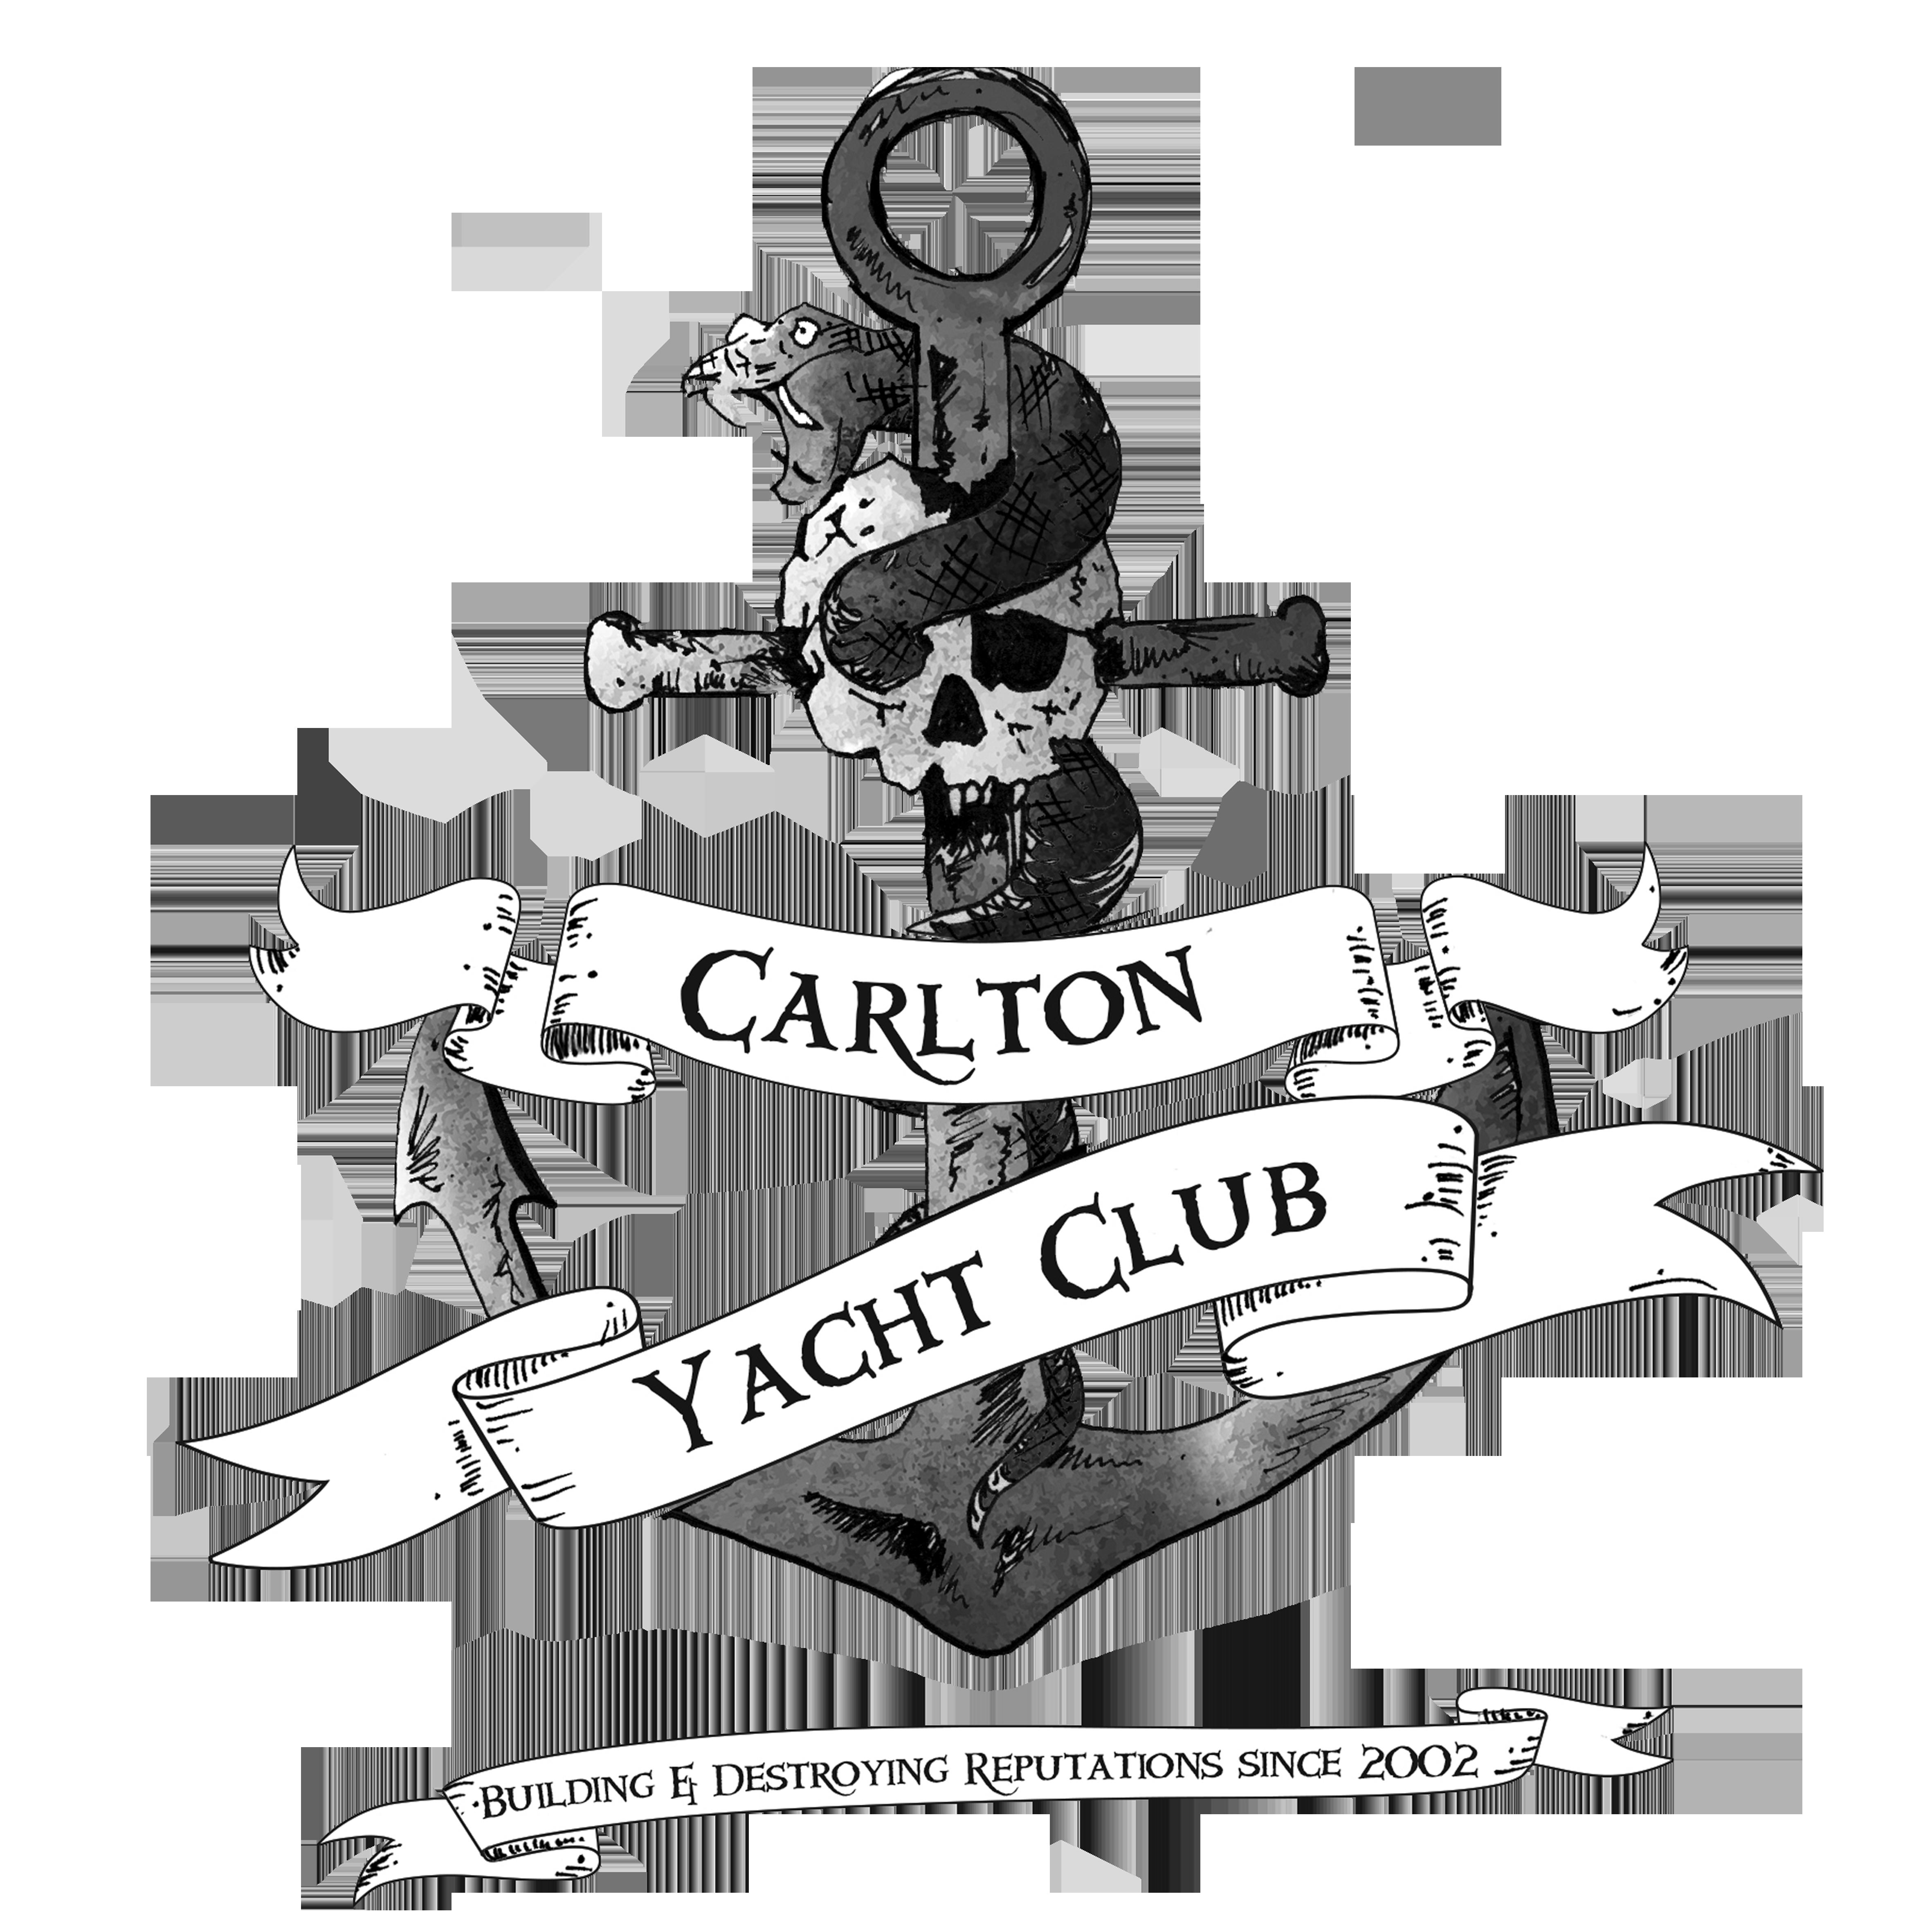 Carlton Yacht Club